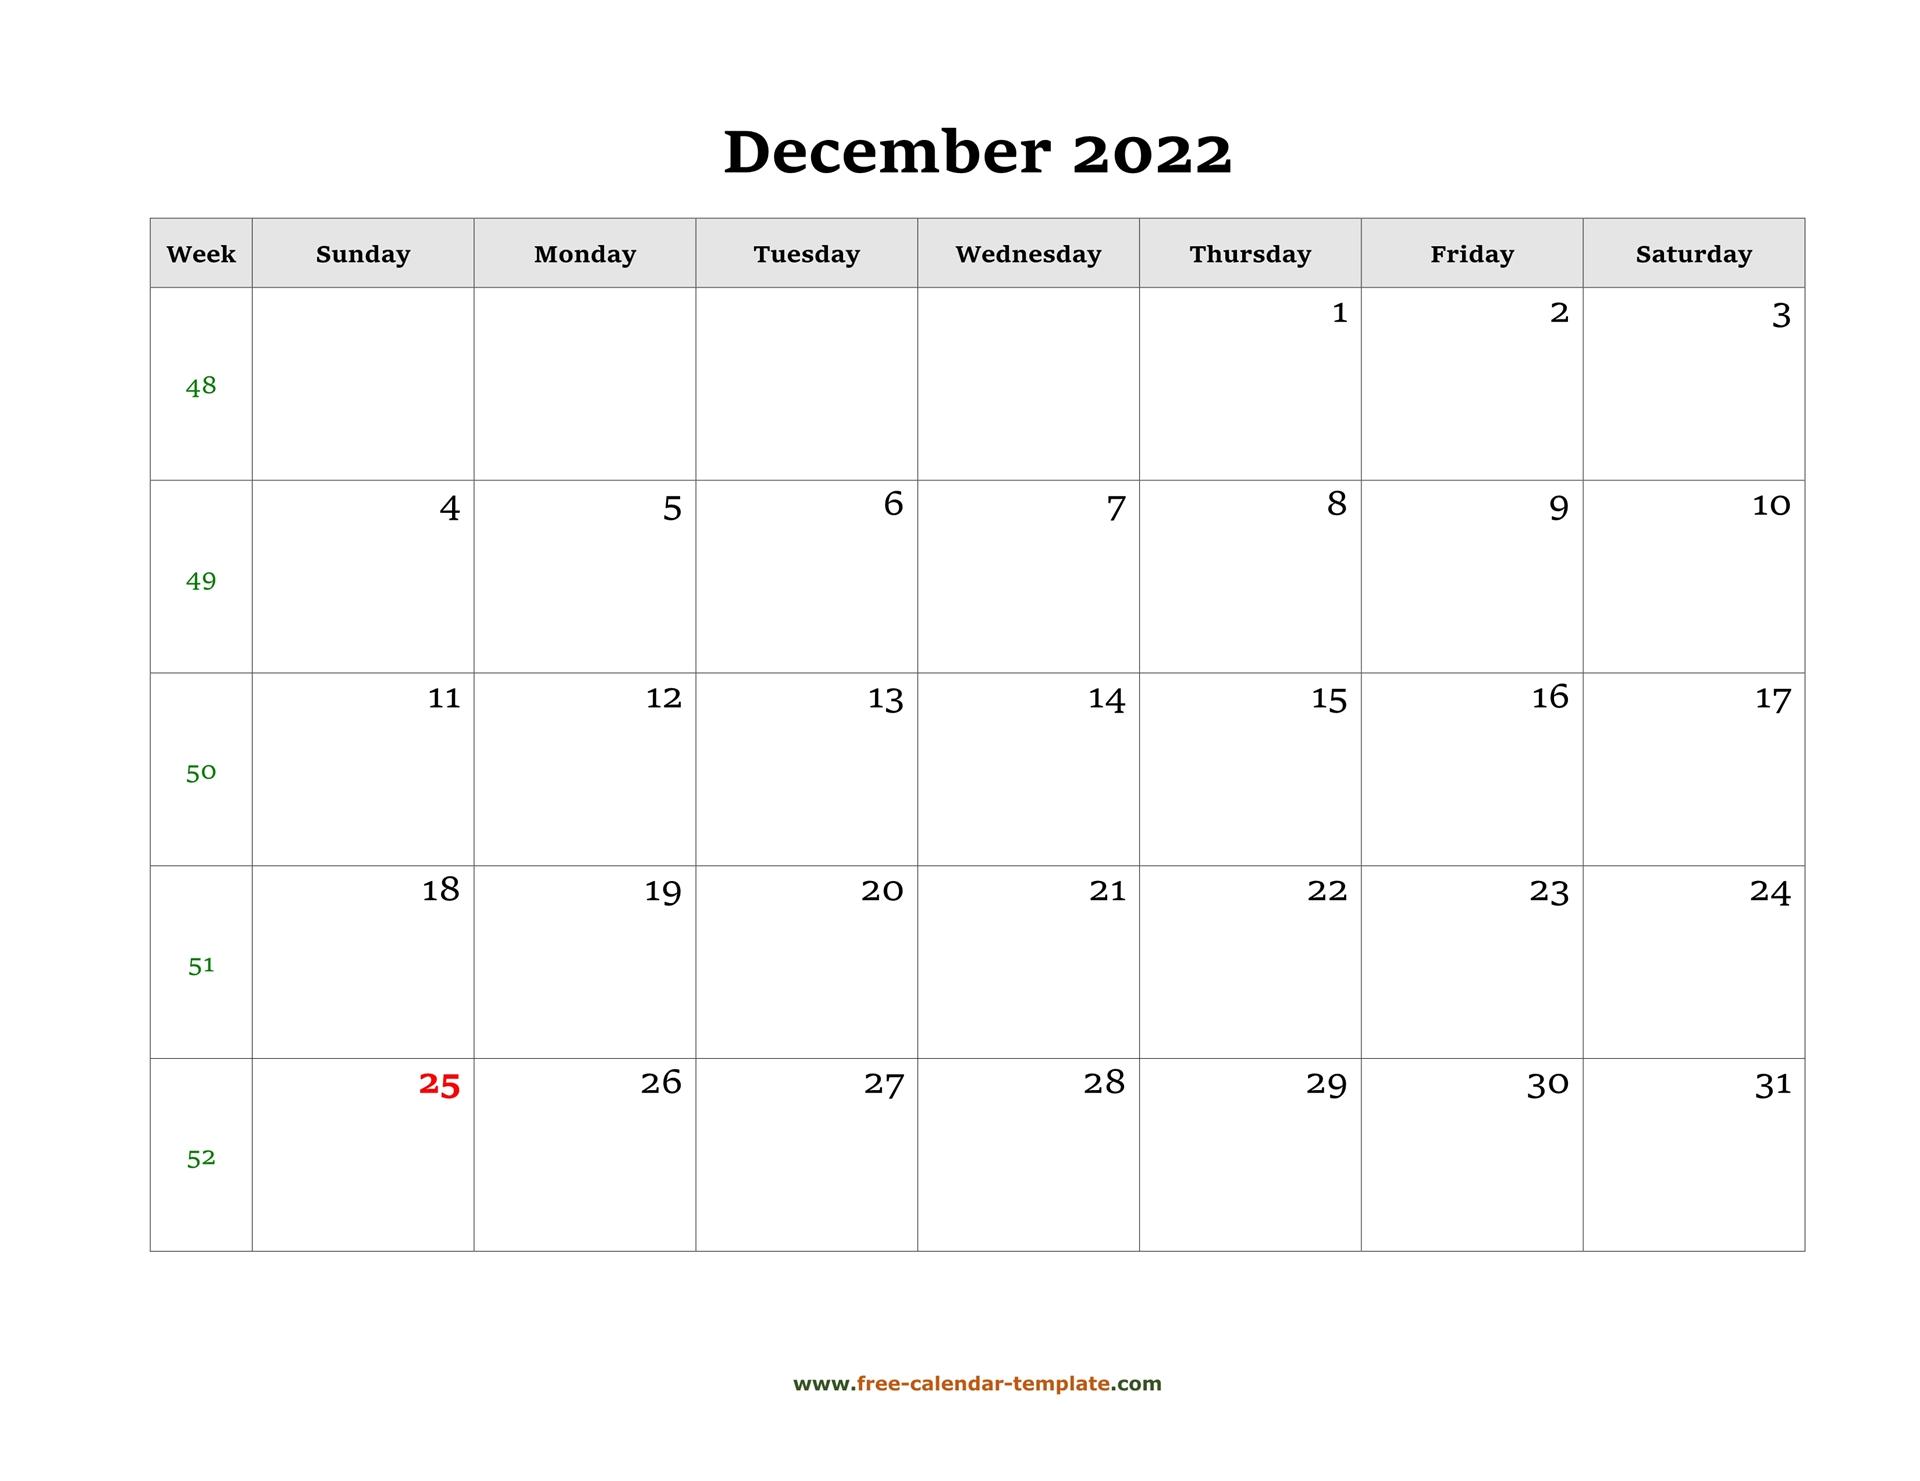 December 2022 Free Calendar Tempplate